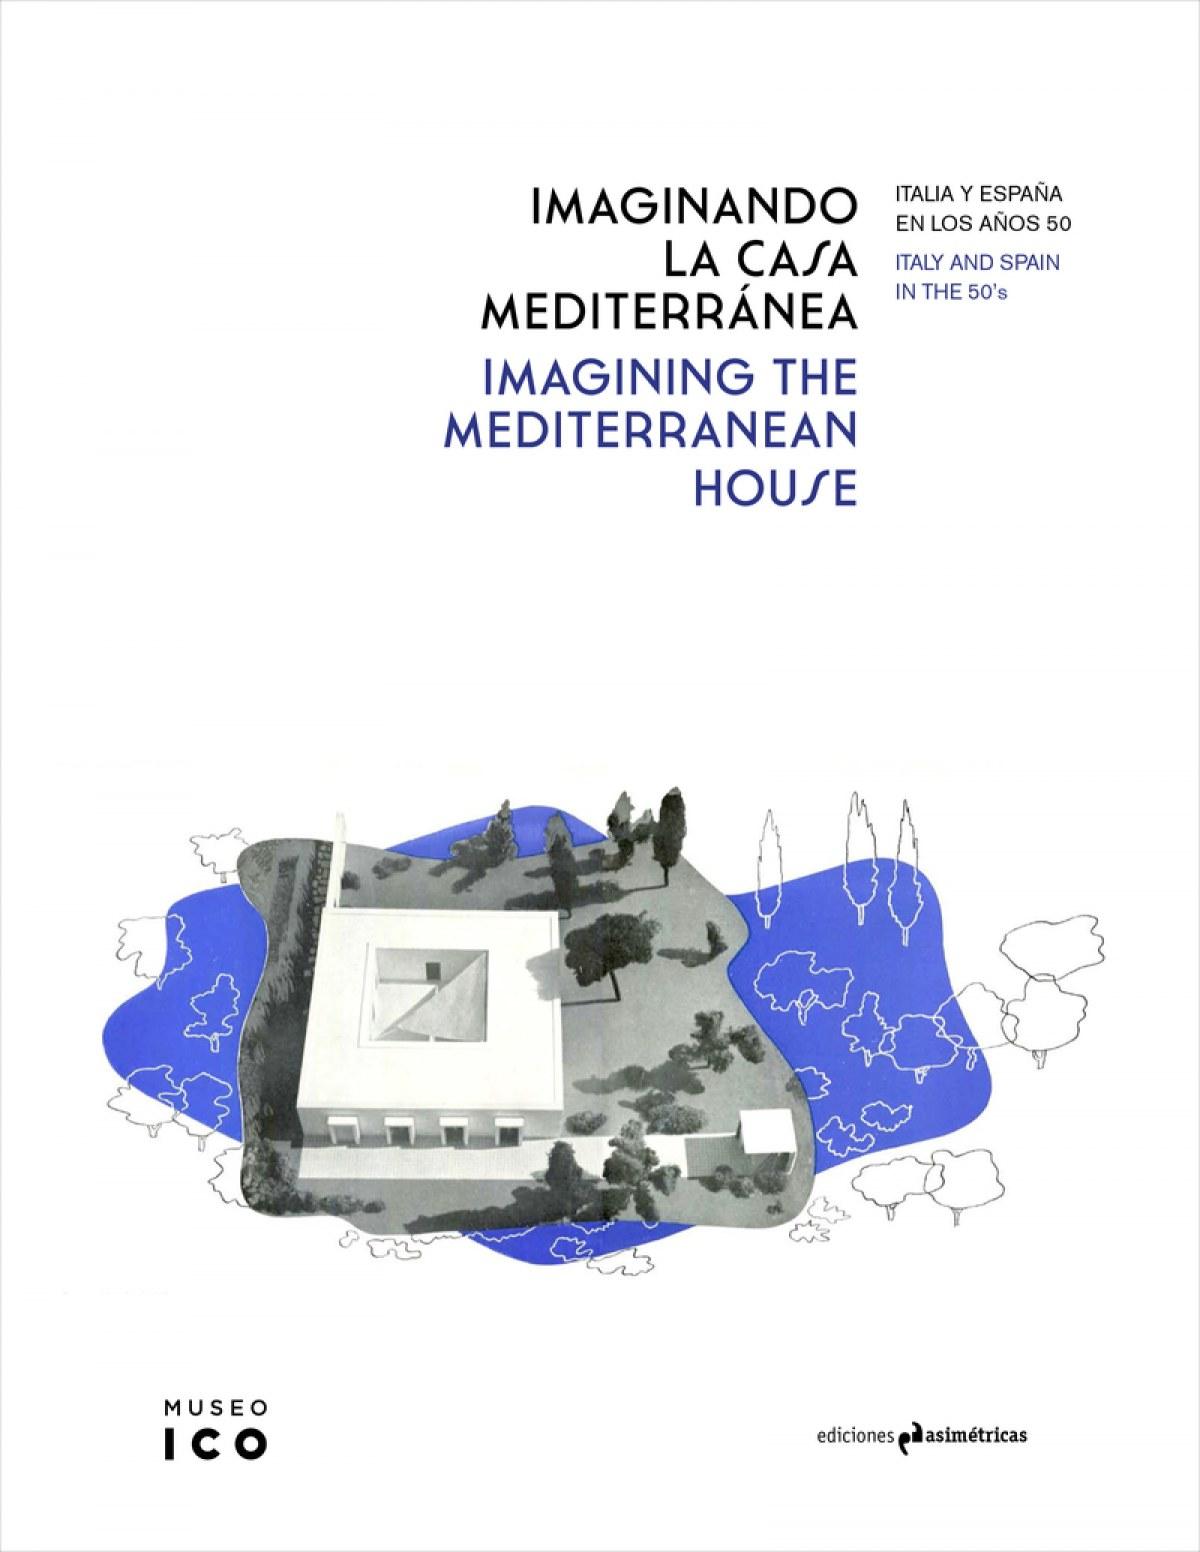 Imaginando la casa mediterranea